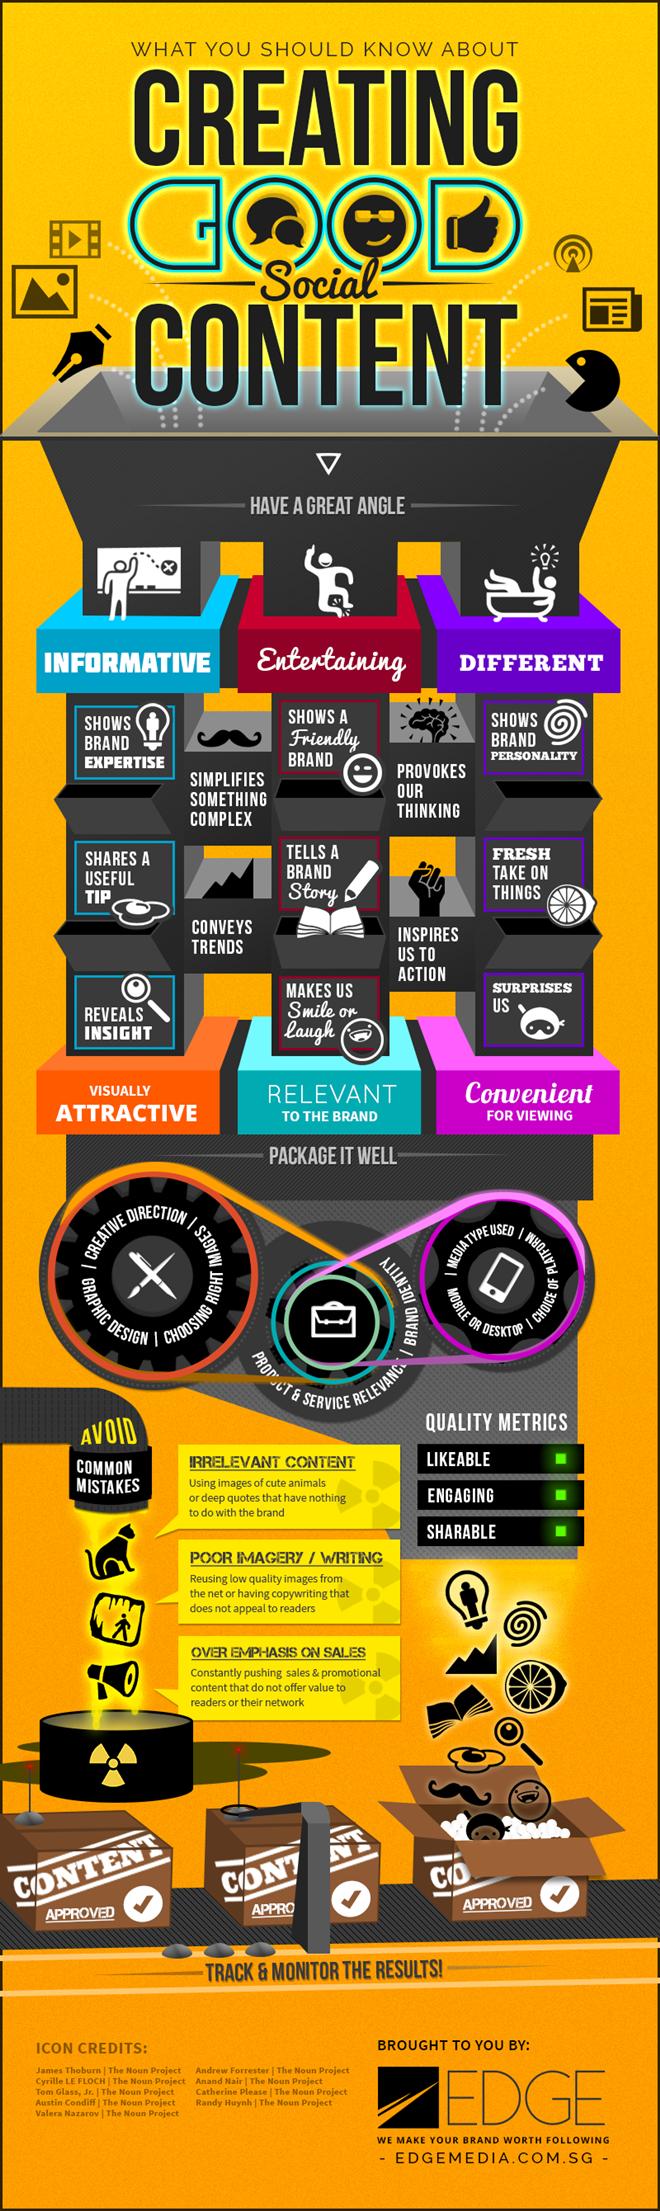 Checklist bij het creeren van goede sociale content [infographic]